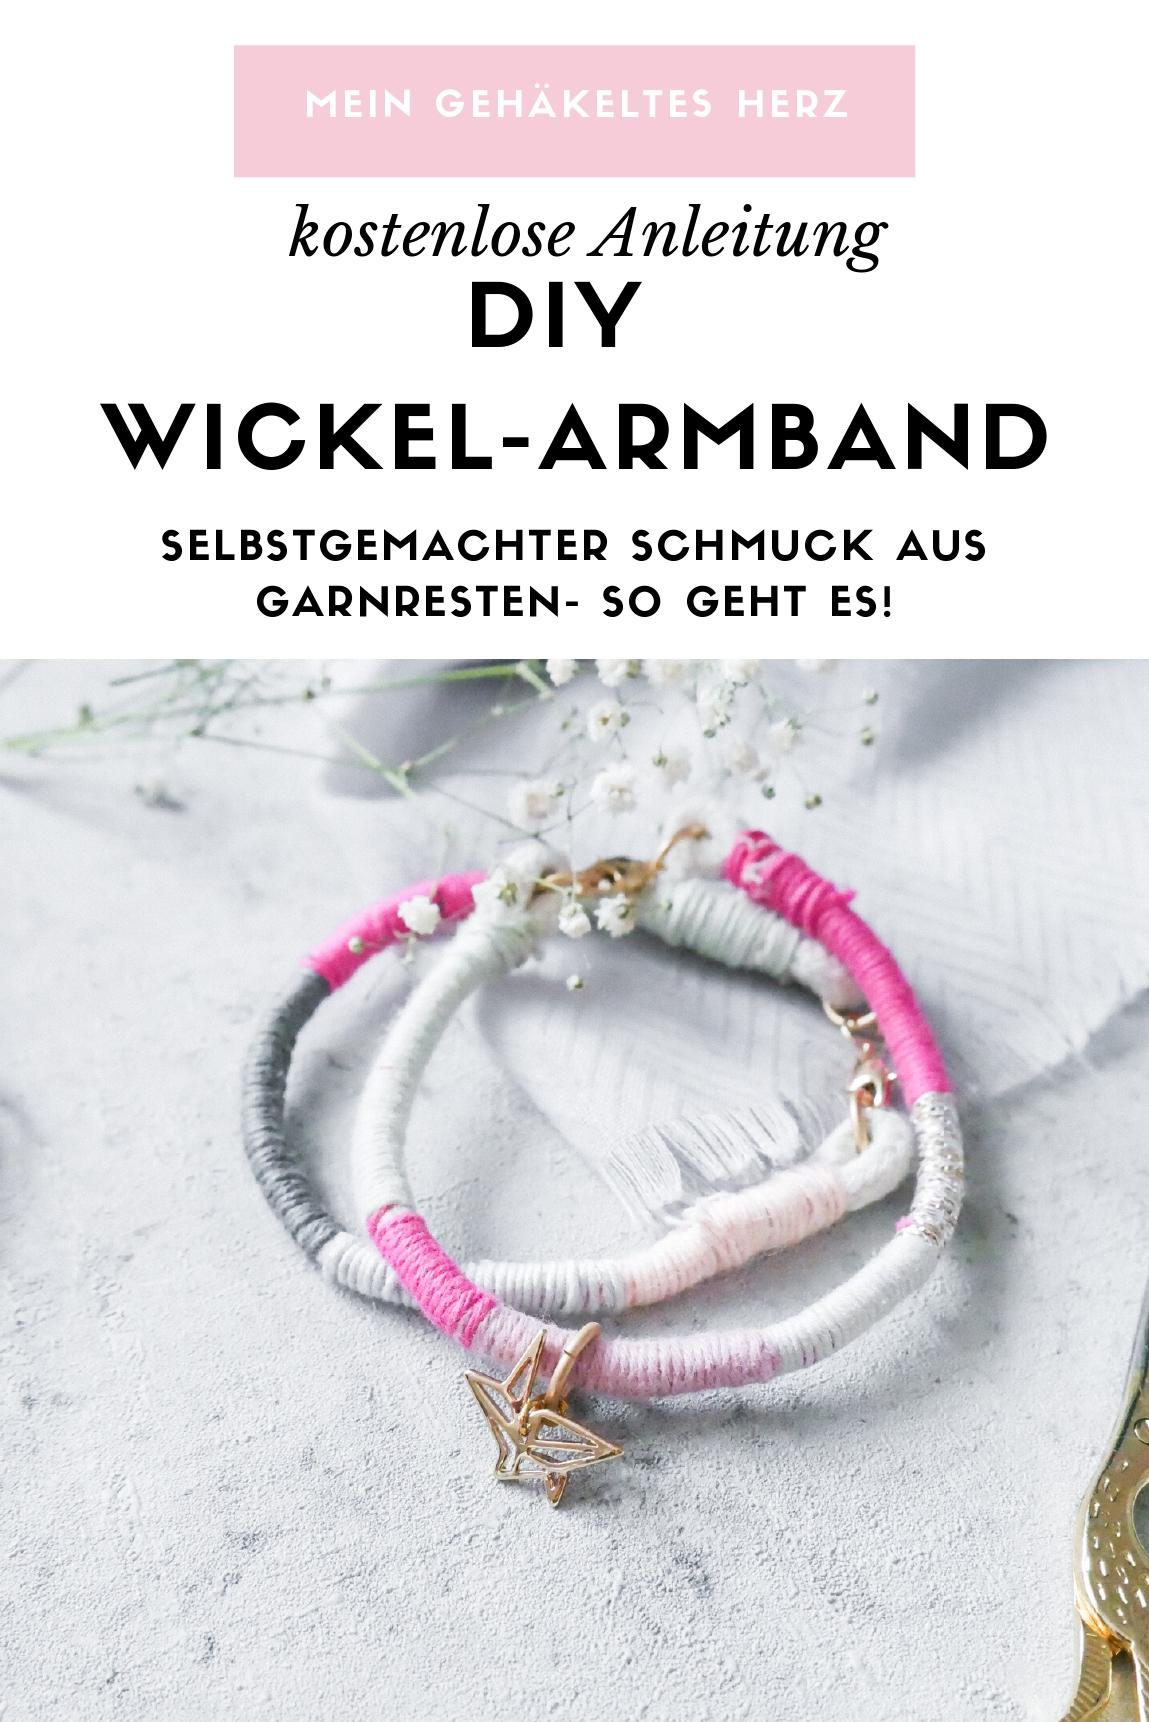 Armband DIY- Schnelles DIY Projekt für Garnresten